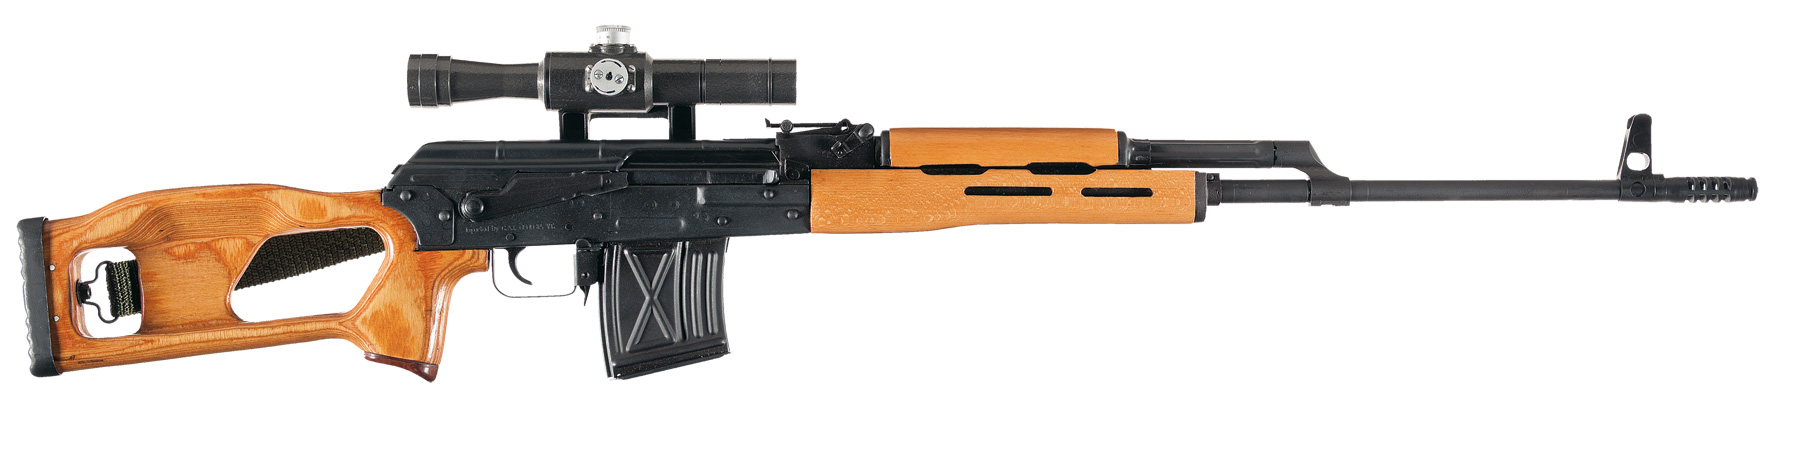 http://upload.wikimedia.org/wikipedia/commons/3/35/Psl_sniper_rifle.jpeg